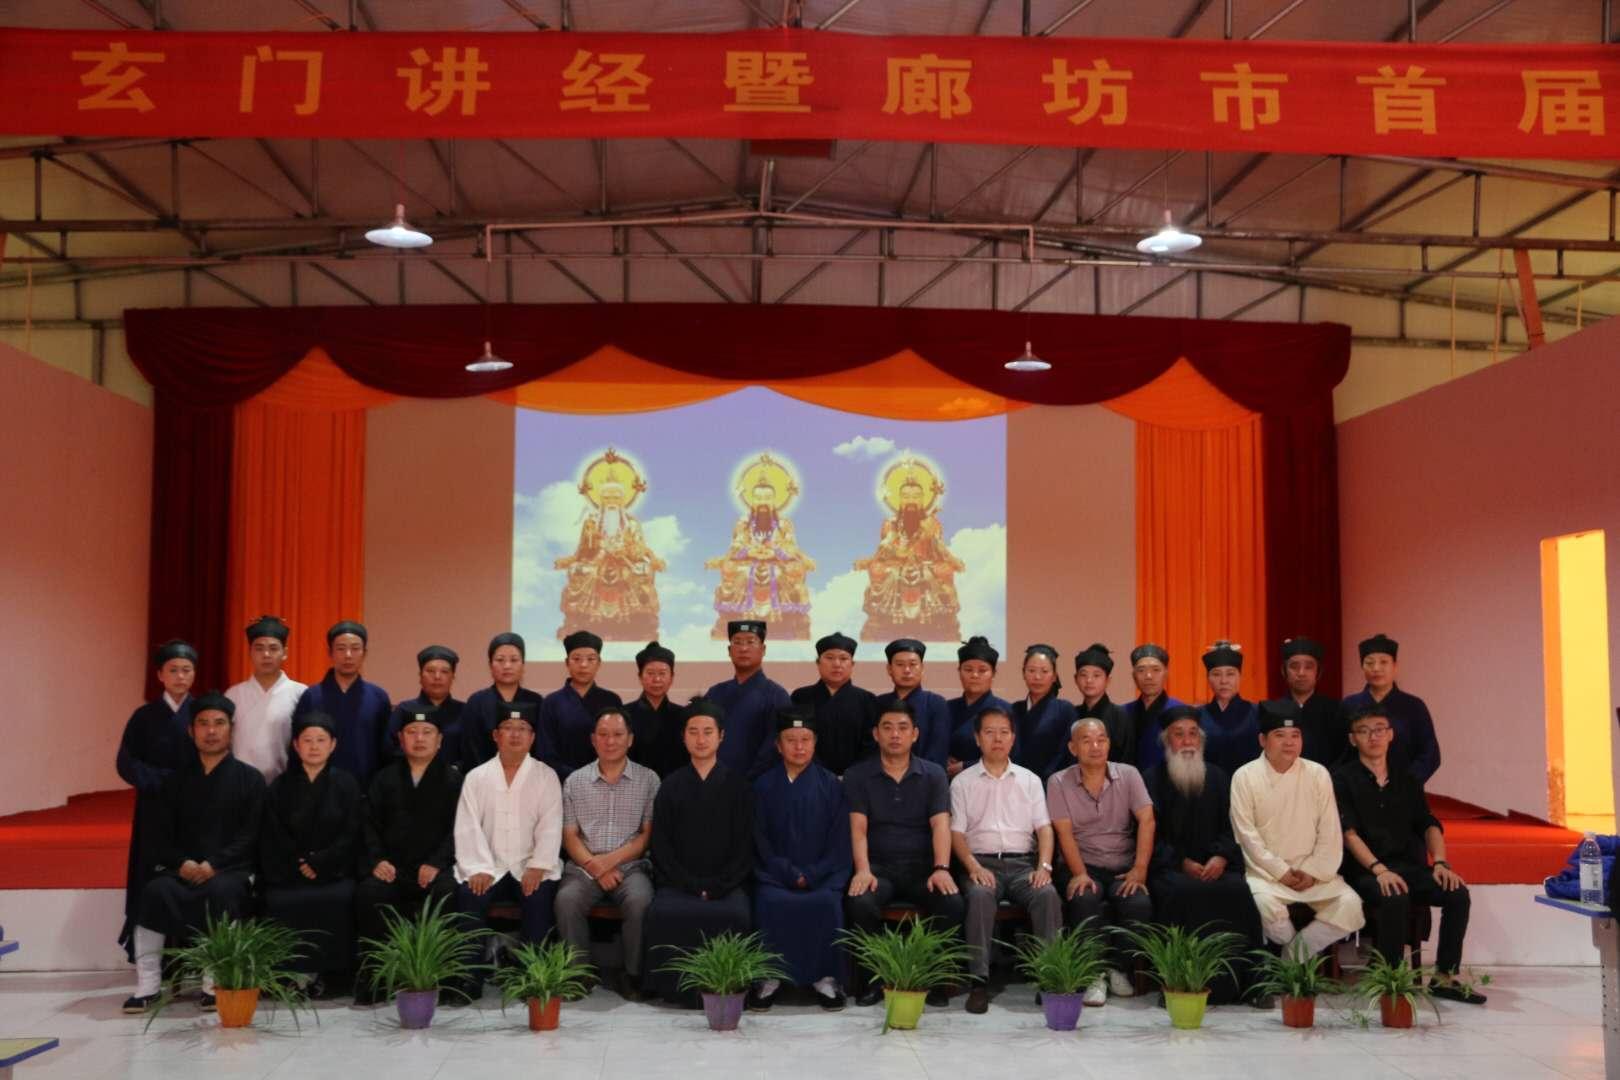 河北省道教协会第九届玄门讲经活动成功举行